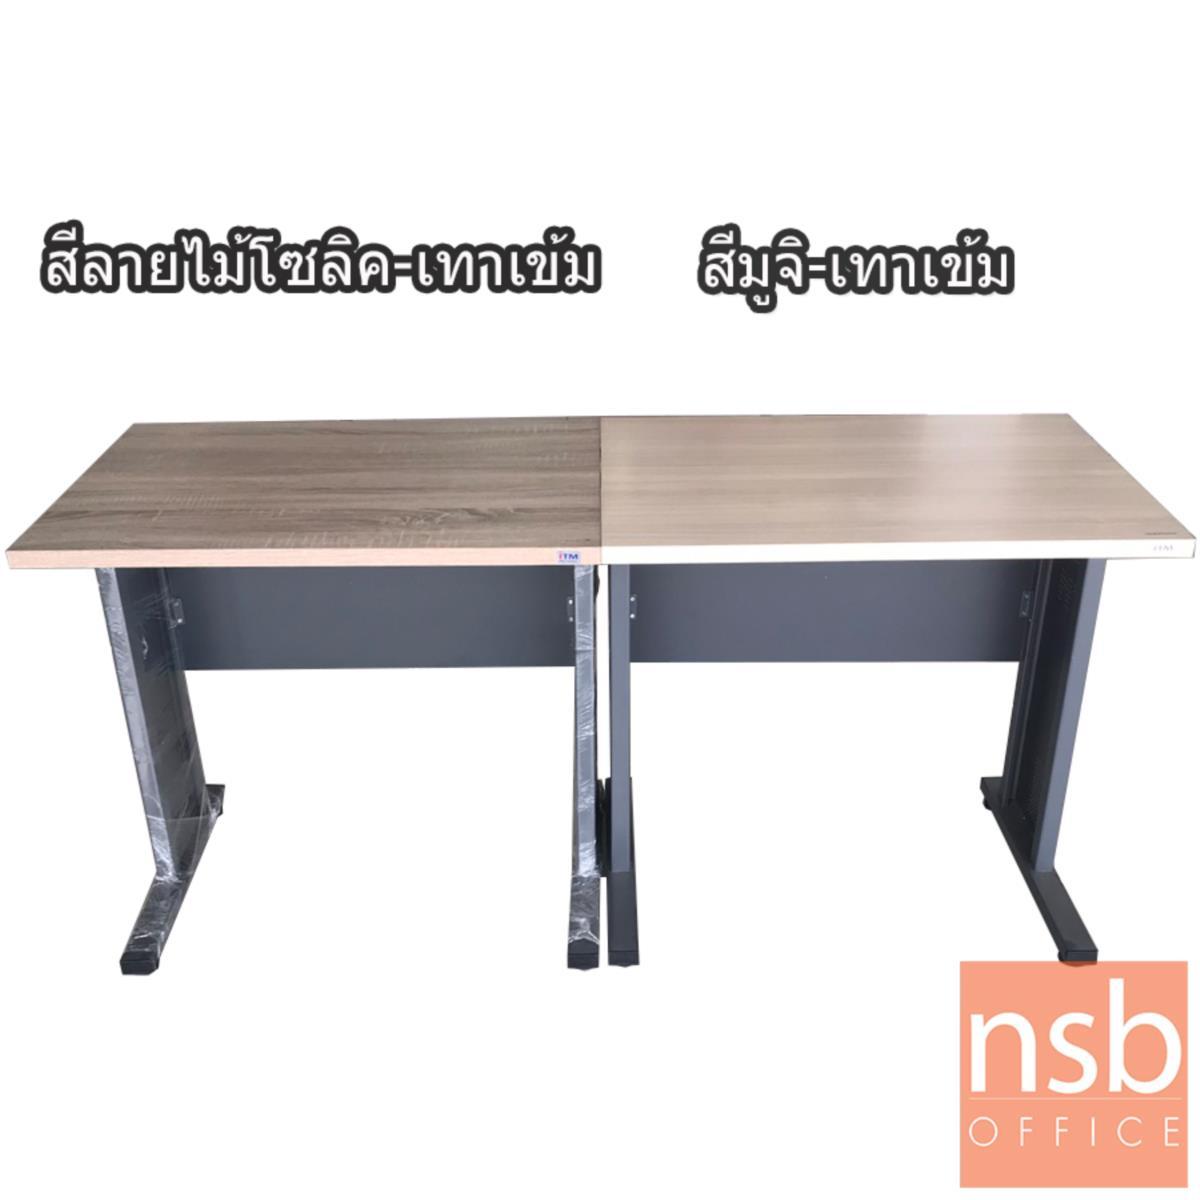 โต๊ะทำงาน  รุ่น Alecto (อะเล็กโต) ขนาด 180W cm. ขาเหล็ก  สีโซลิคตัดเทาเข้มหรือสีมูจิตัดเทาเข้ม